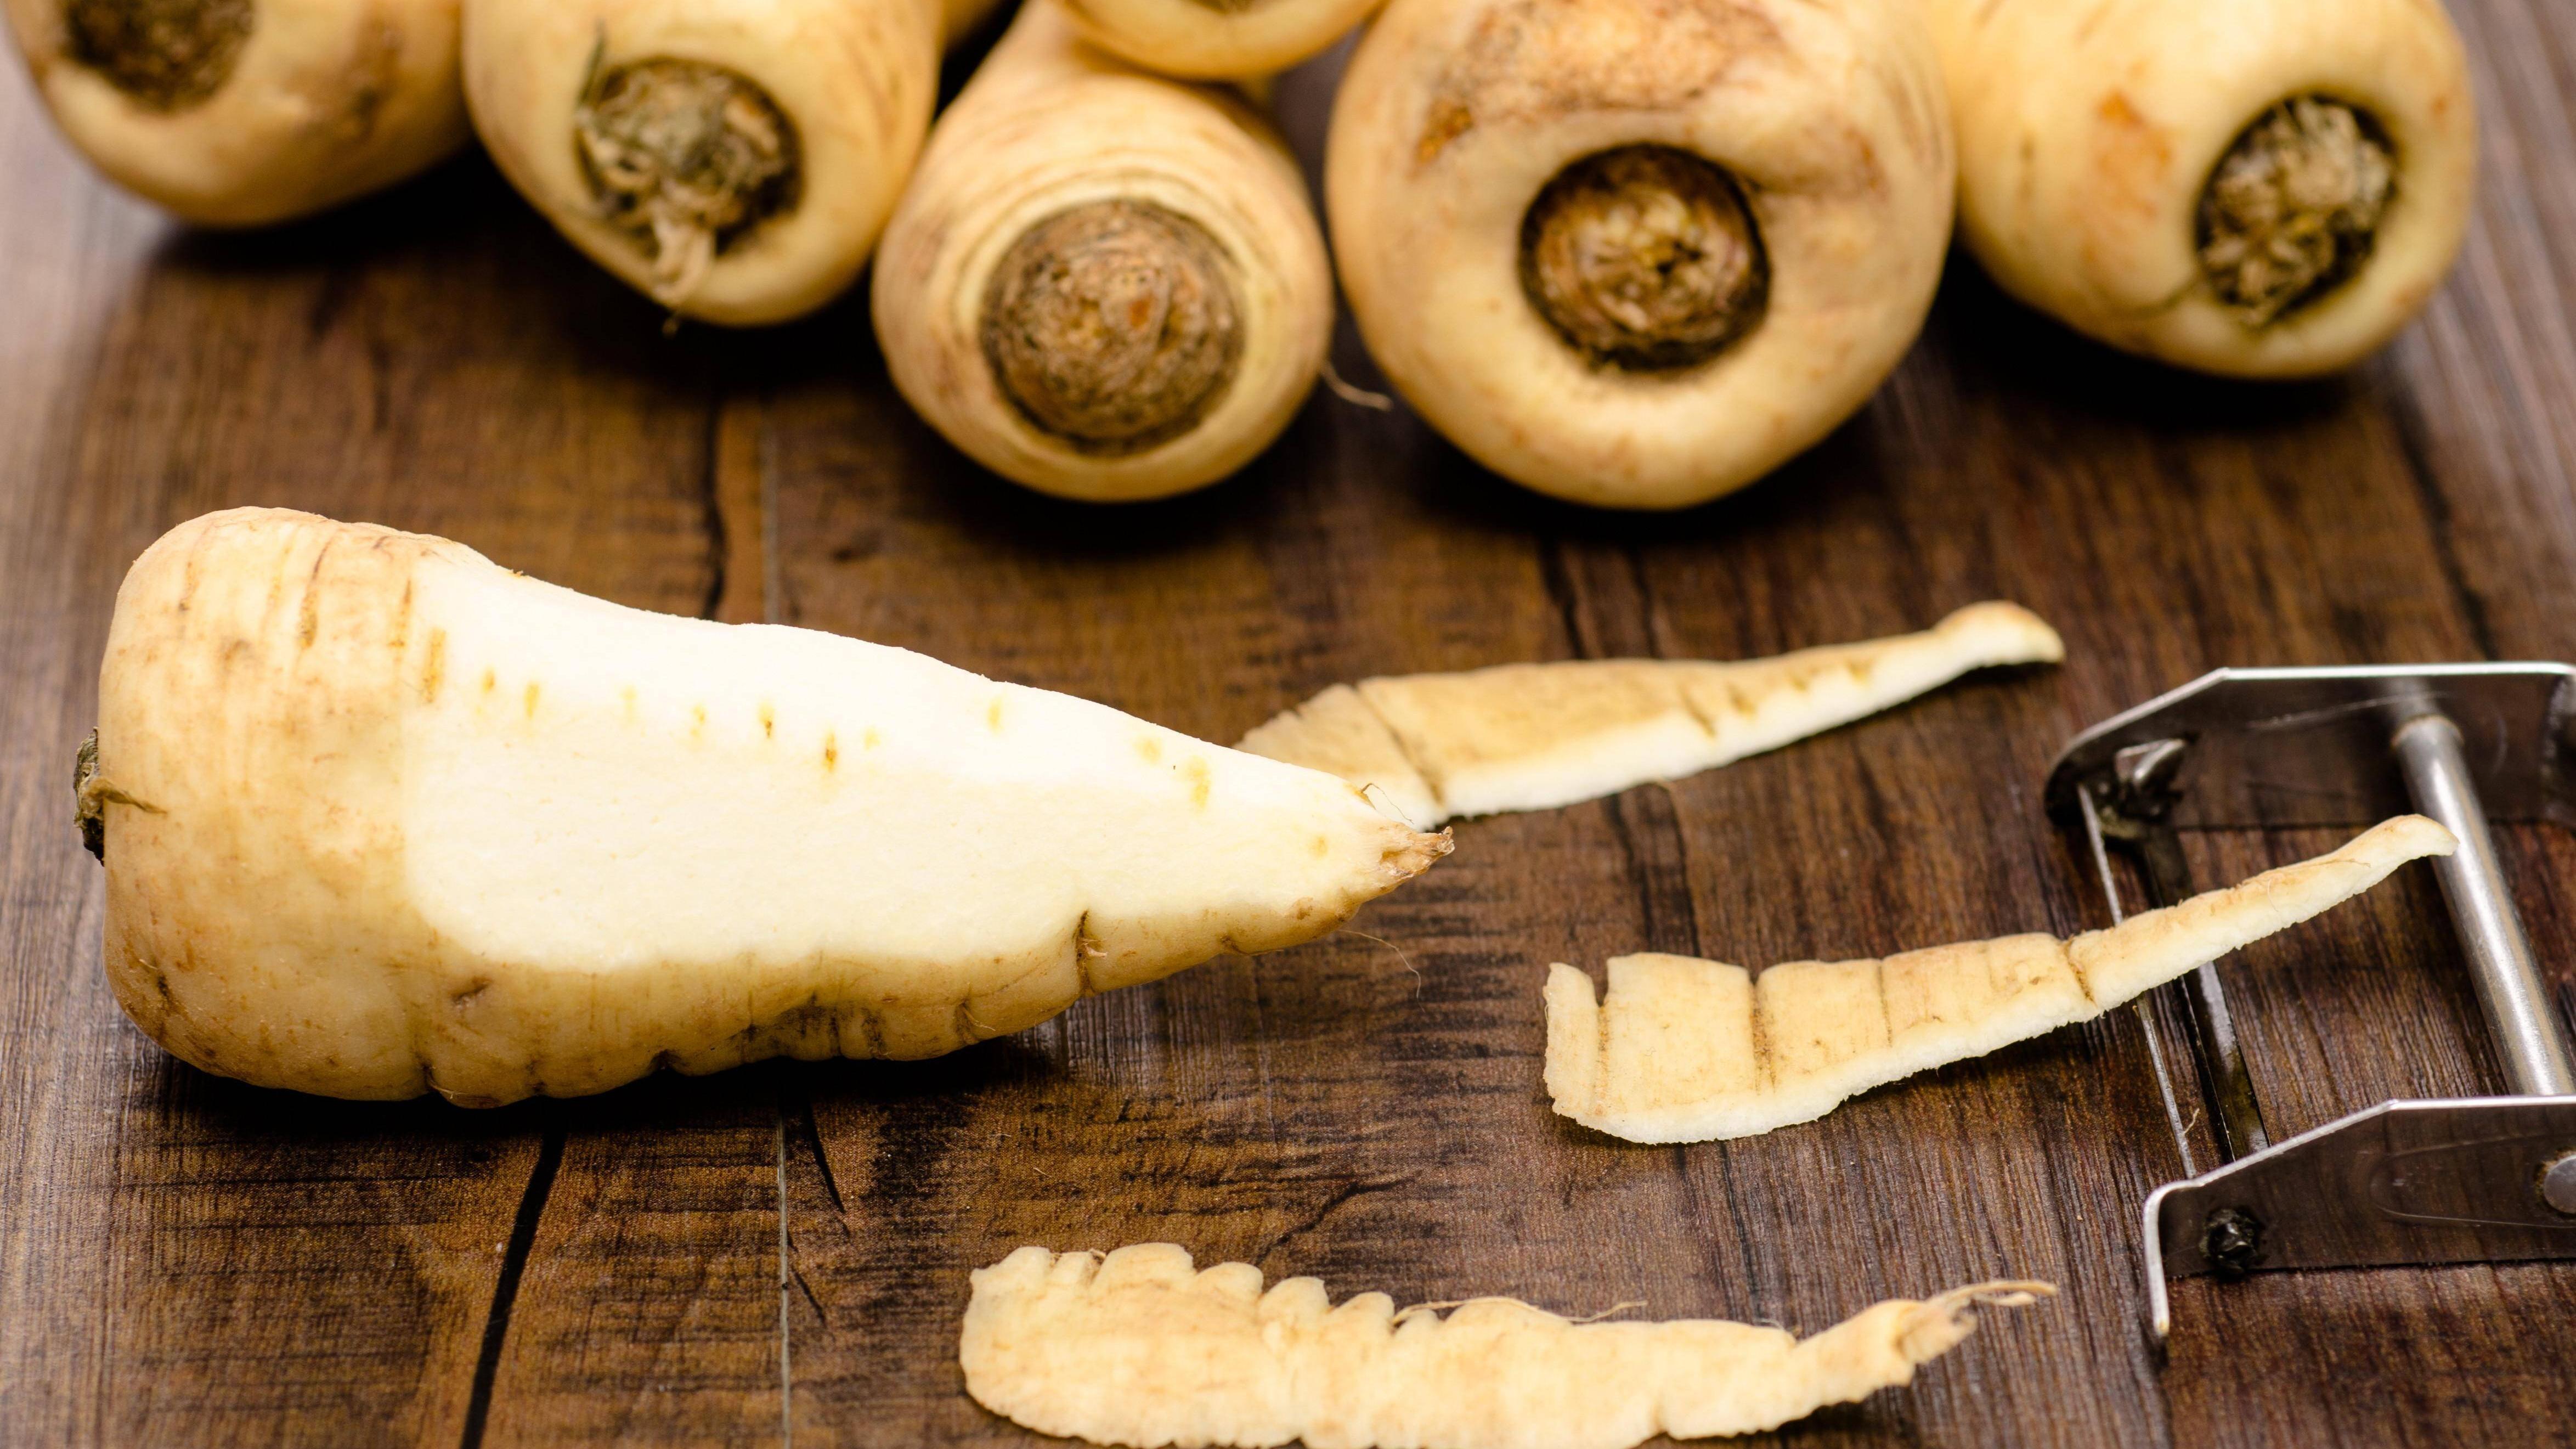 Für ein saisonales Rezept mit gebackenen Pastinaken müssen Sie das Wurzelgemüse zunächst mit einem Sparschäler schälen.